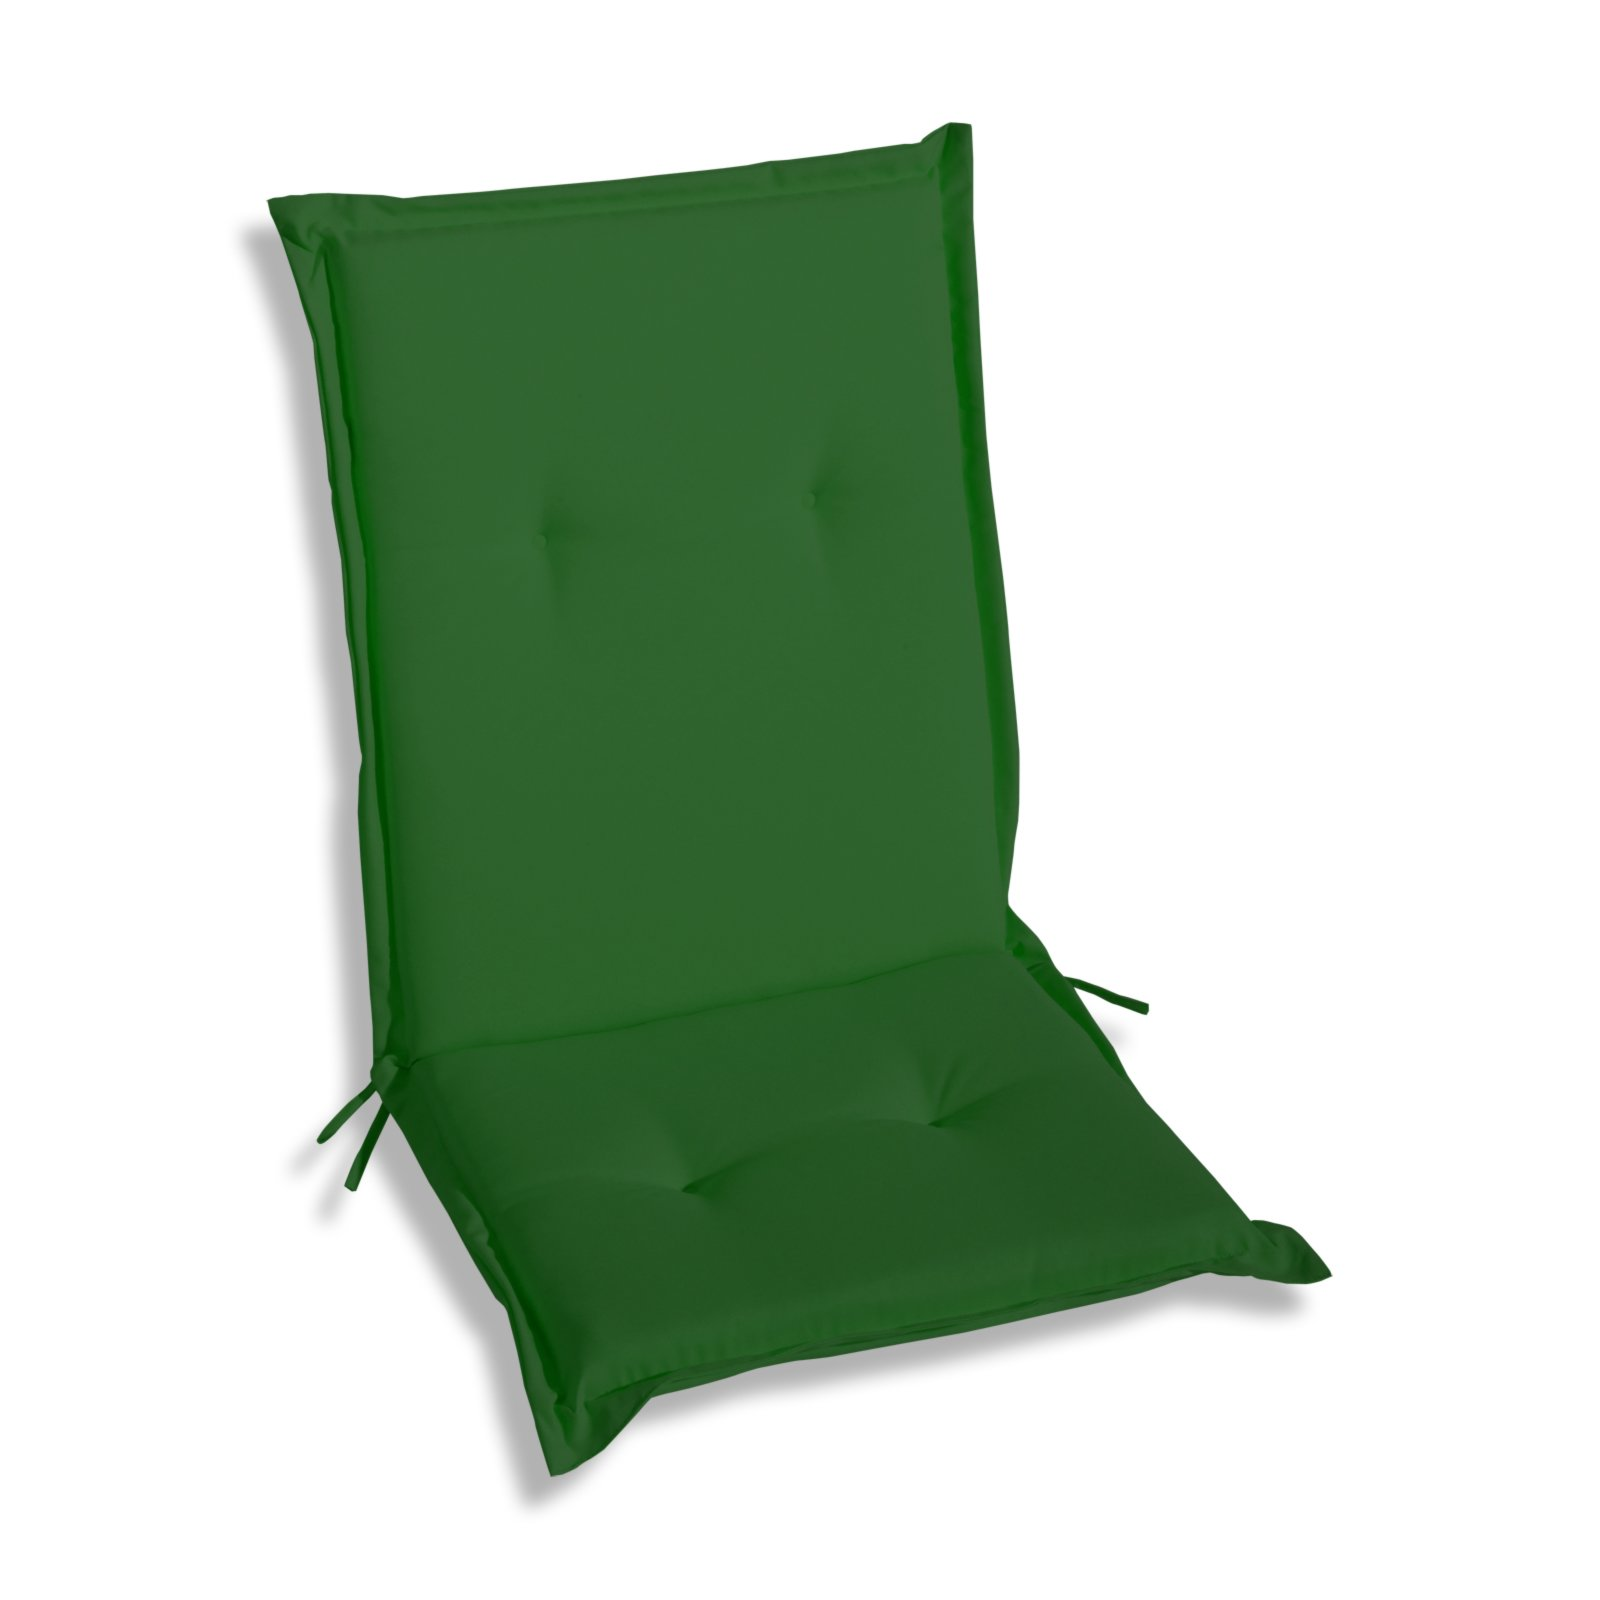 sitzauflage r cken niedrig woody gr n auflagen auflageboxen gartenm bel wohnbereiche. Black Bedroom Furniture Sets. Home Design Ideas